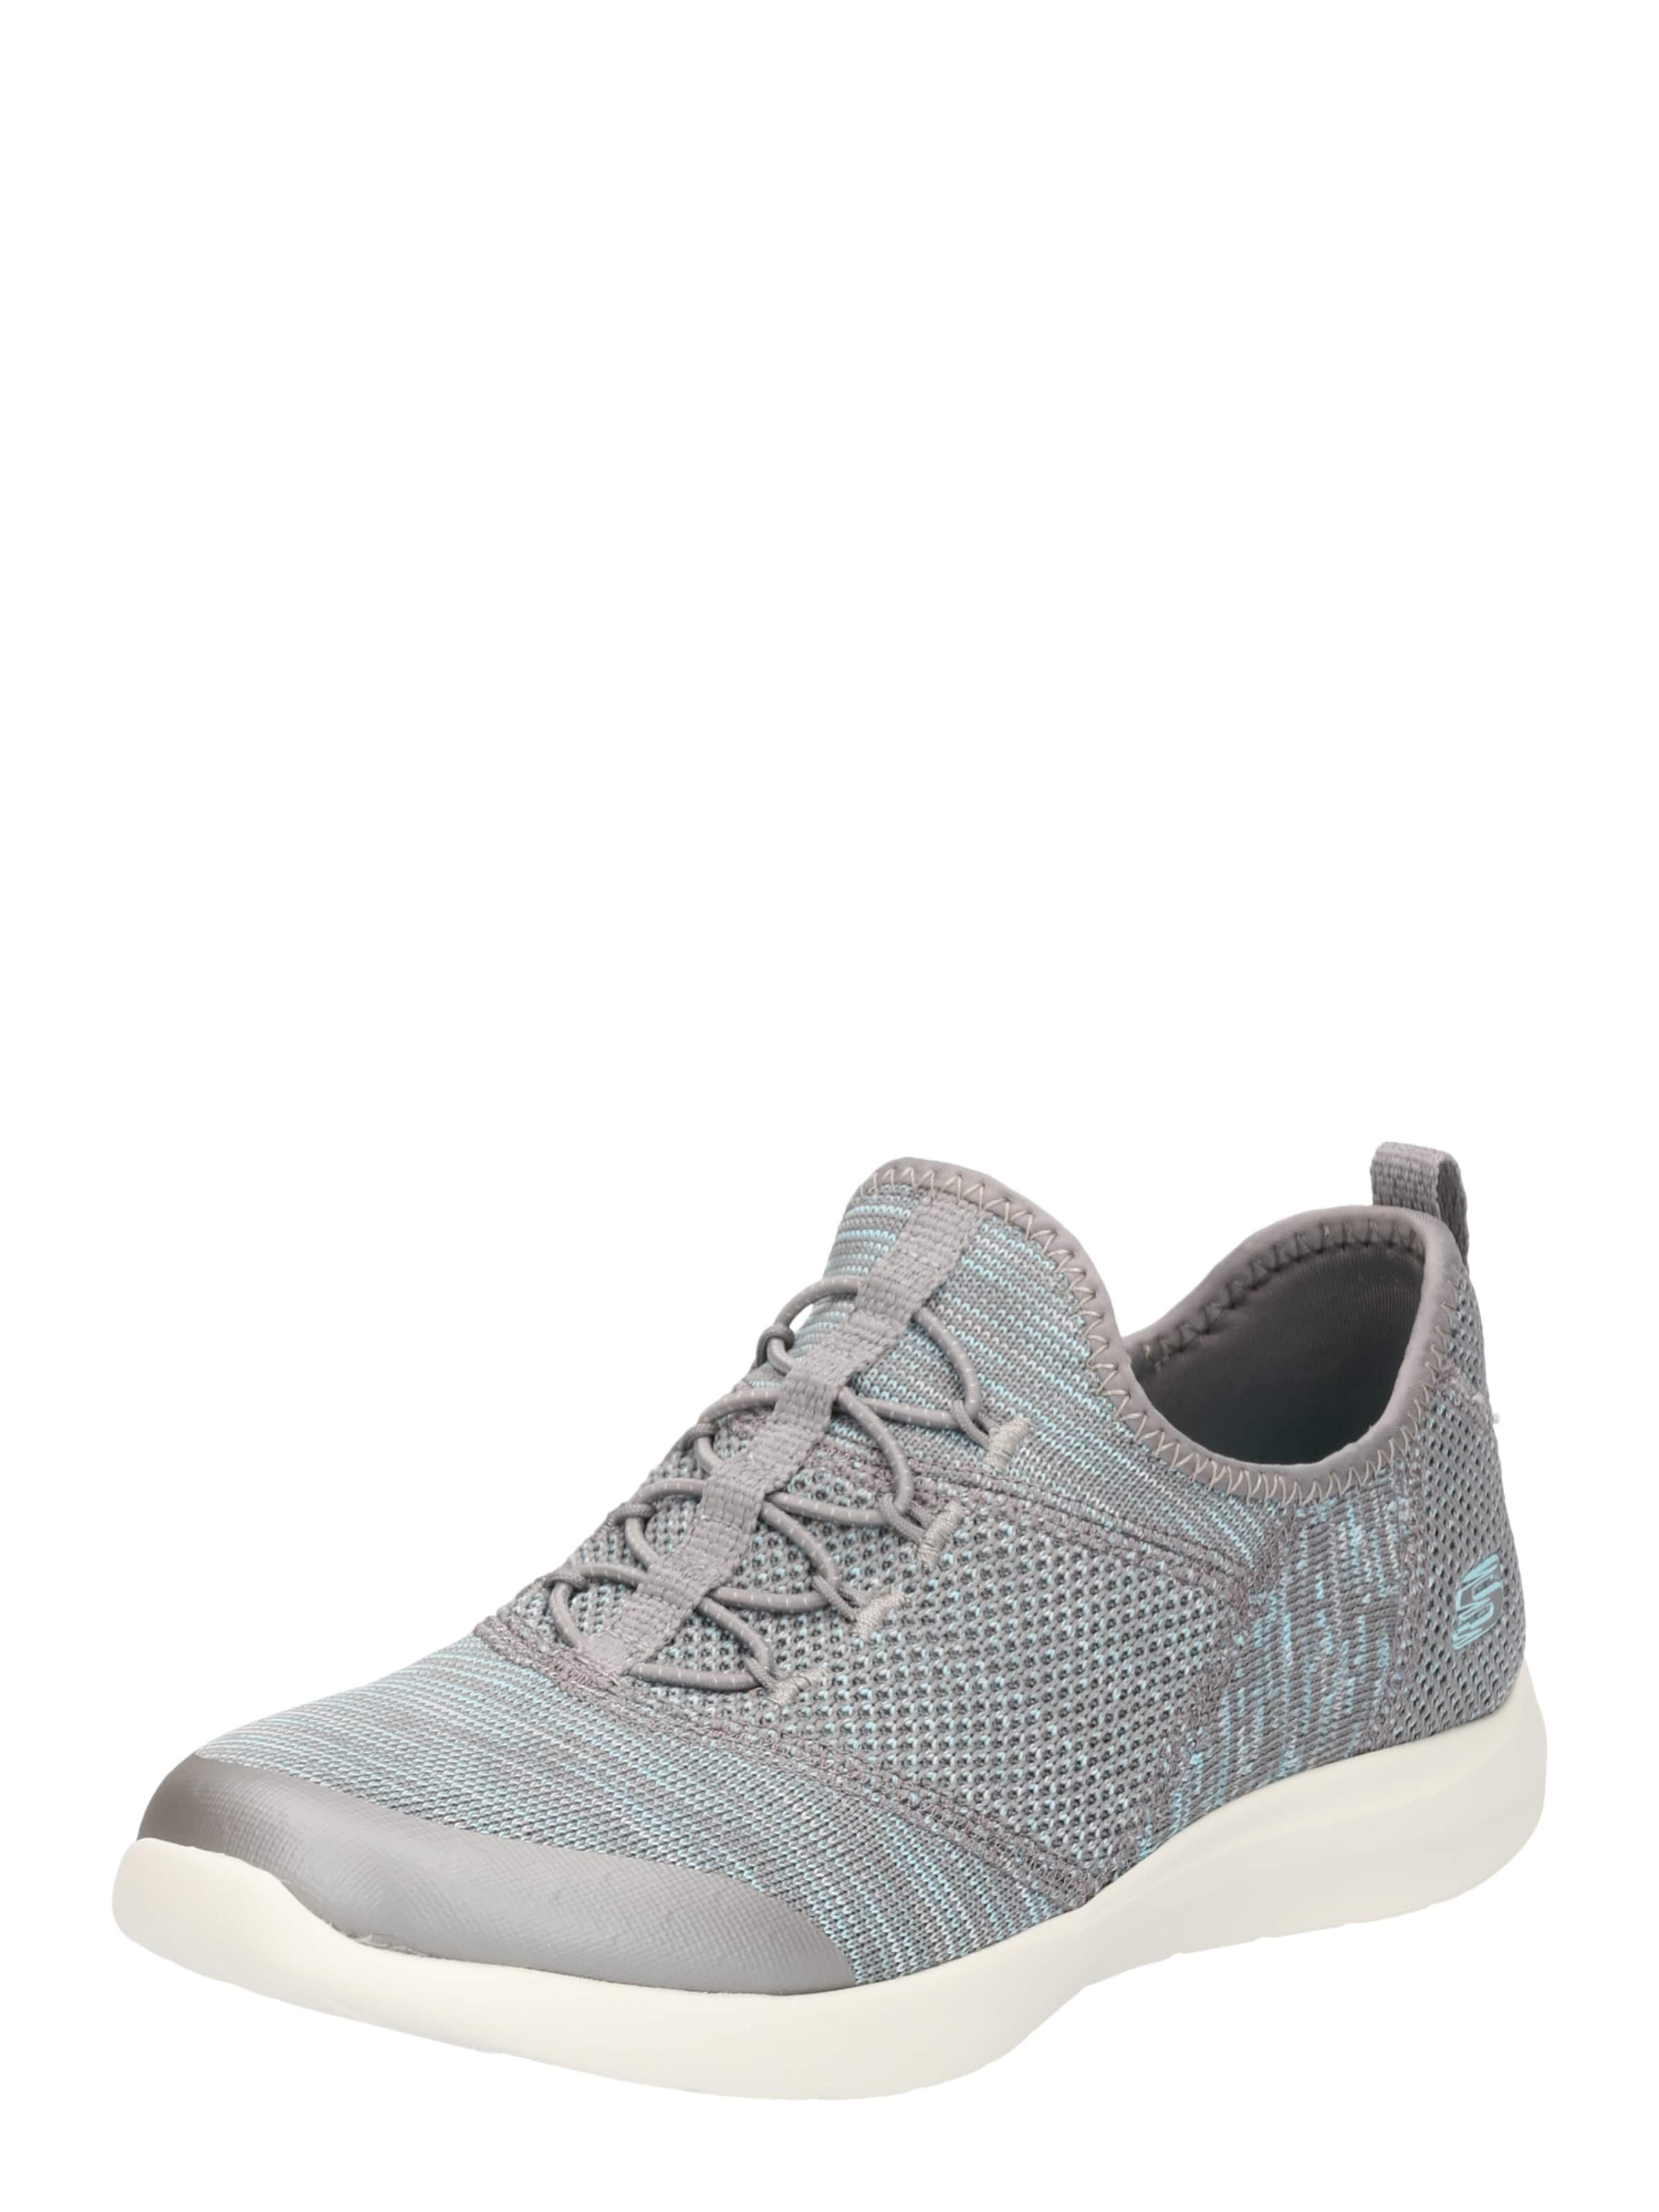 SKECHERS Sneaker  STUDIO COMFORT - MIX & MATCH